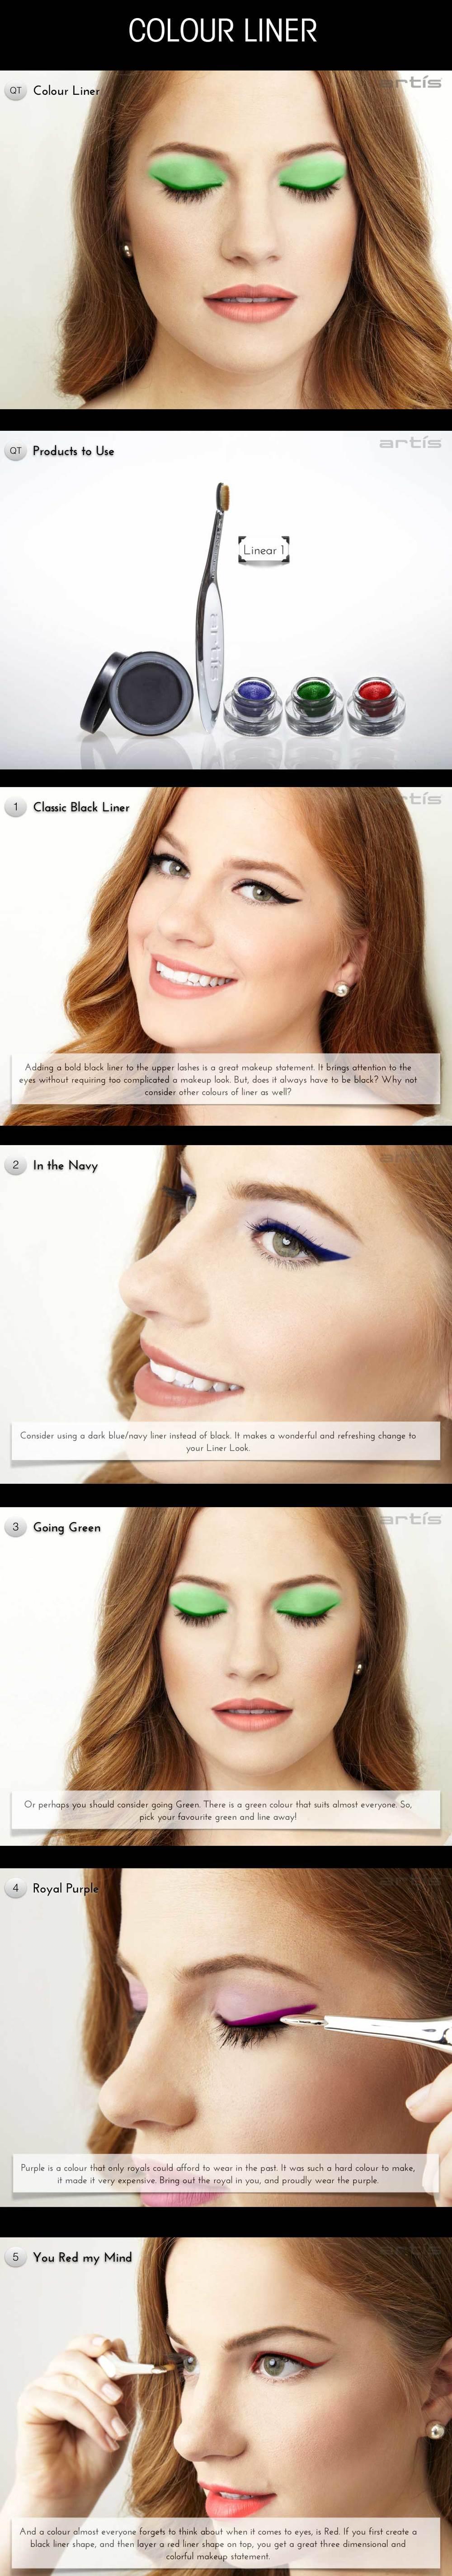 colour-liner-full-sequence.jpg